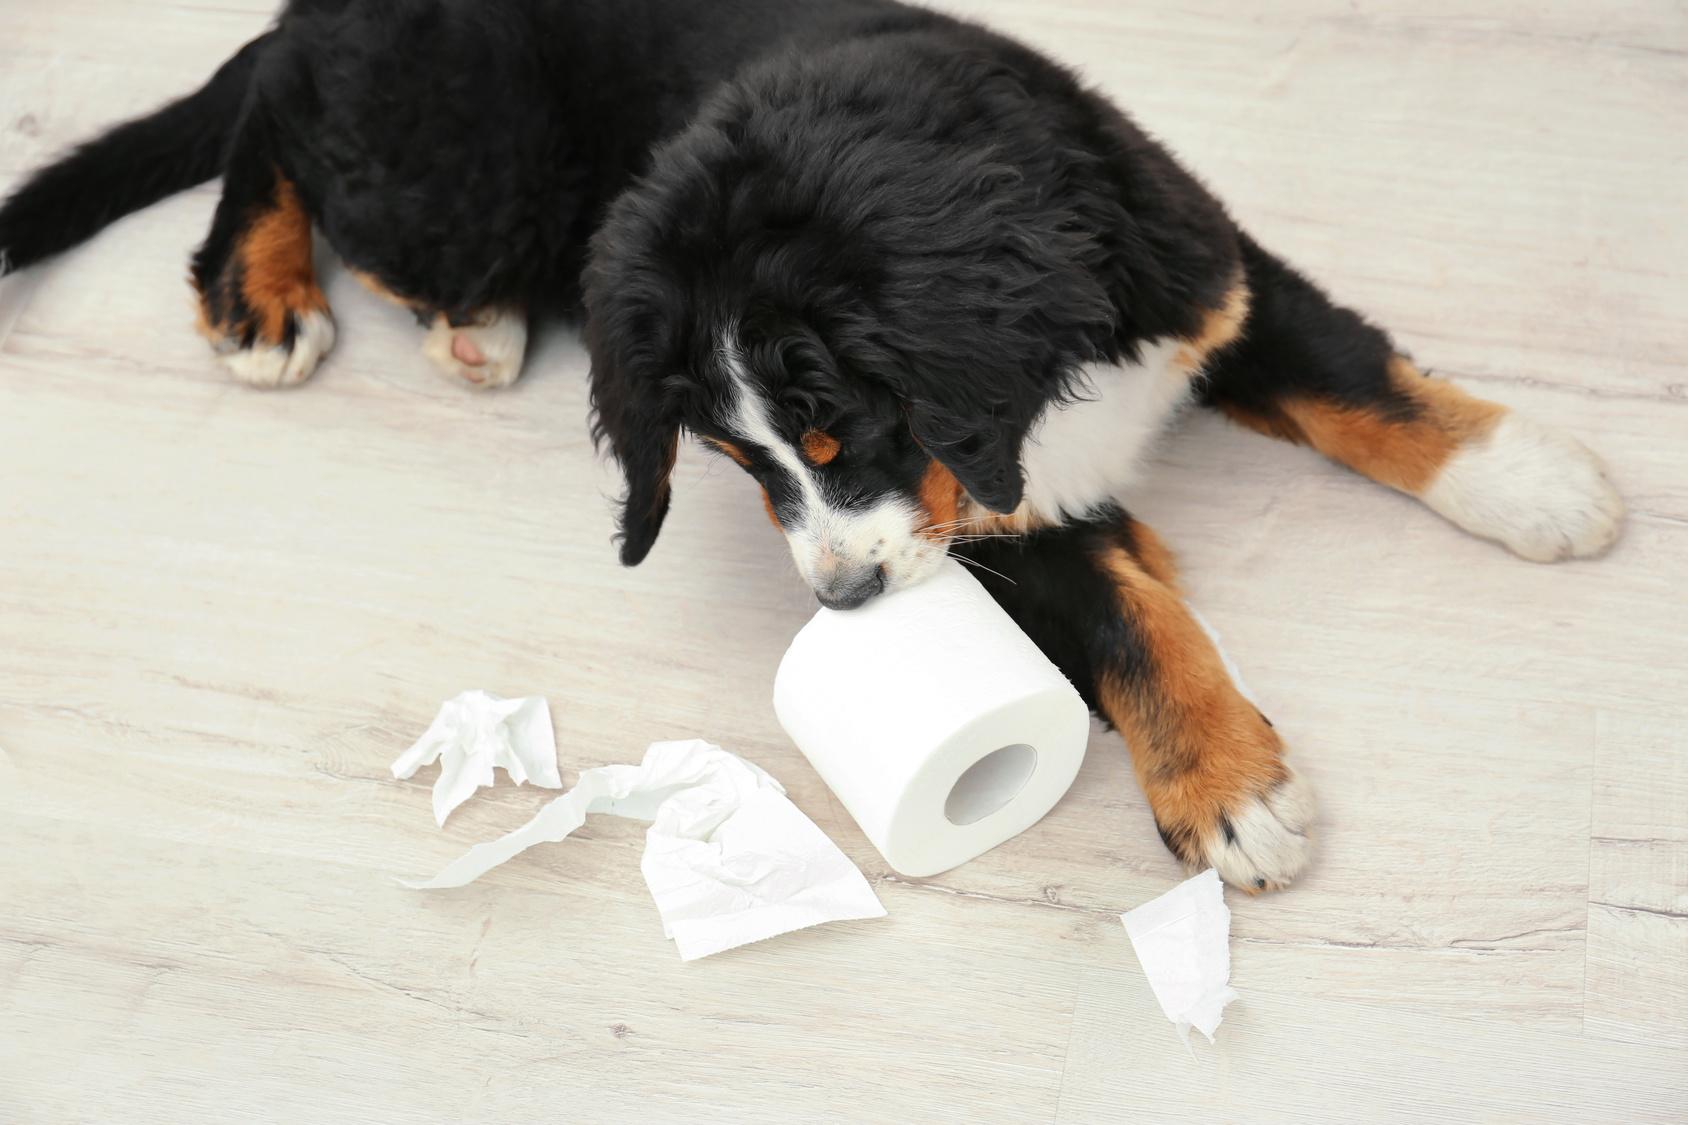 コツさえ分かればこんなに簡単!犬のトイレトレーニングのポイント